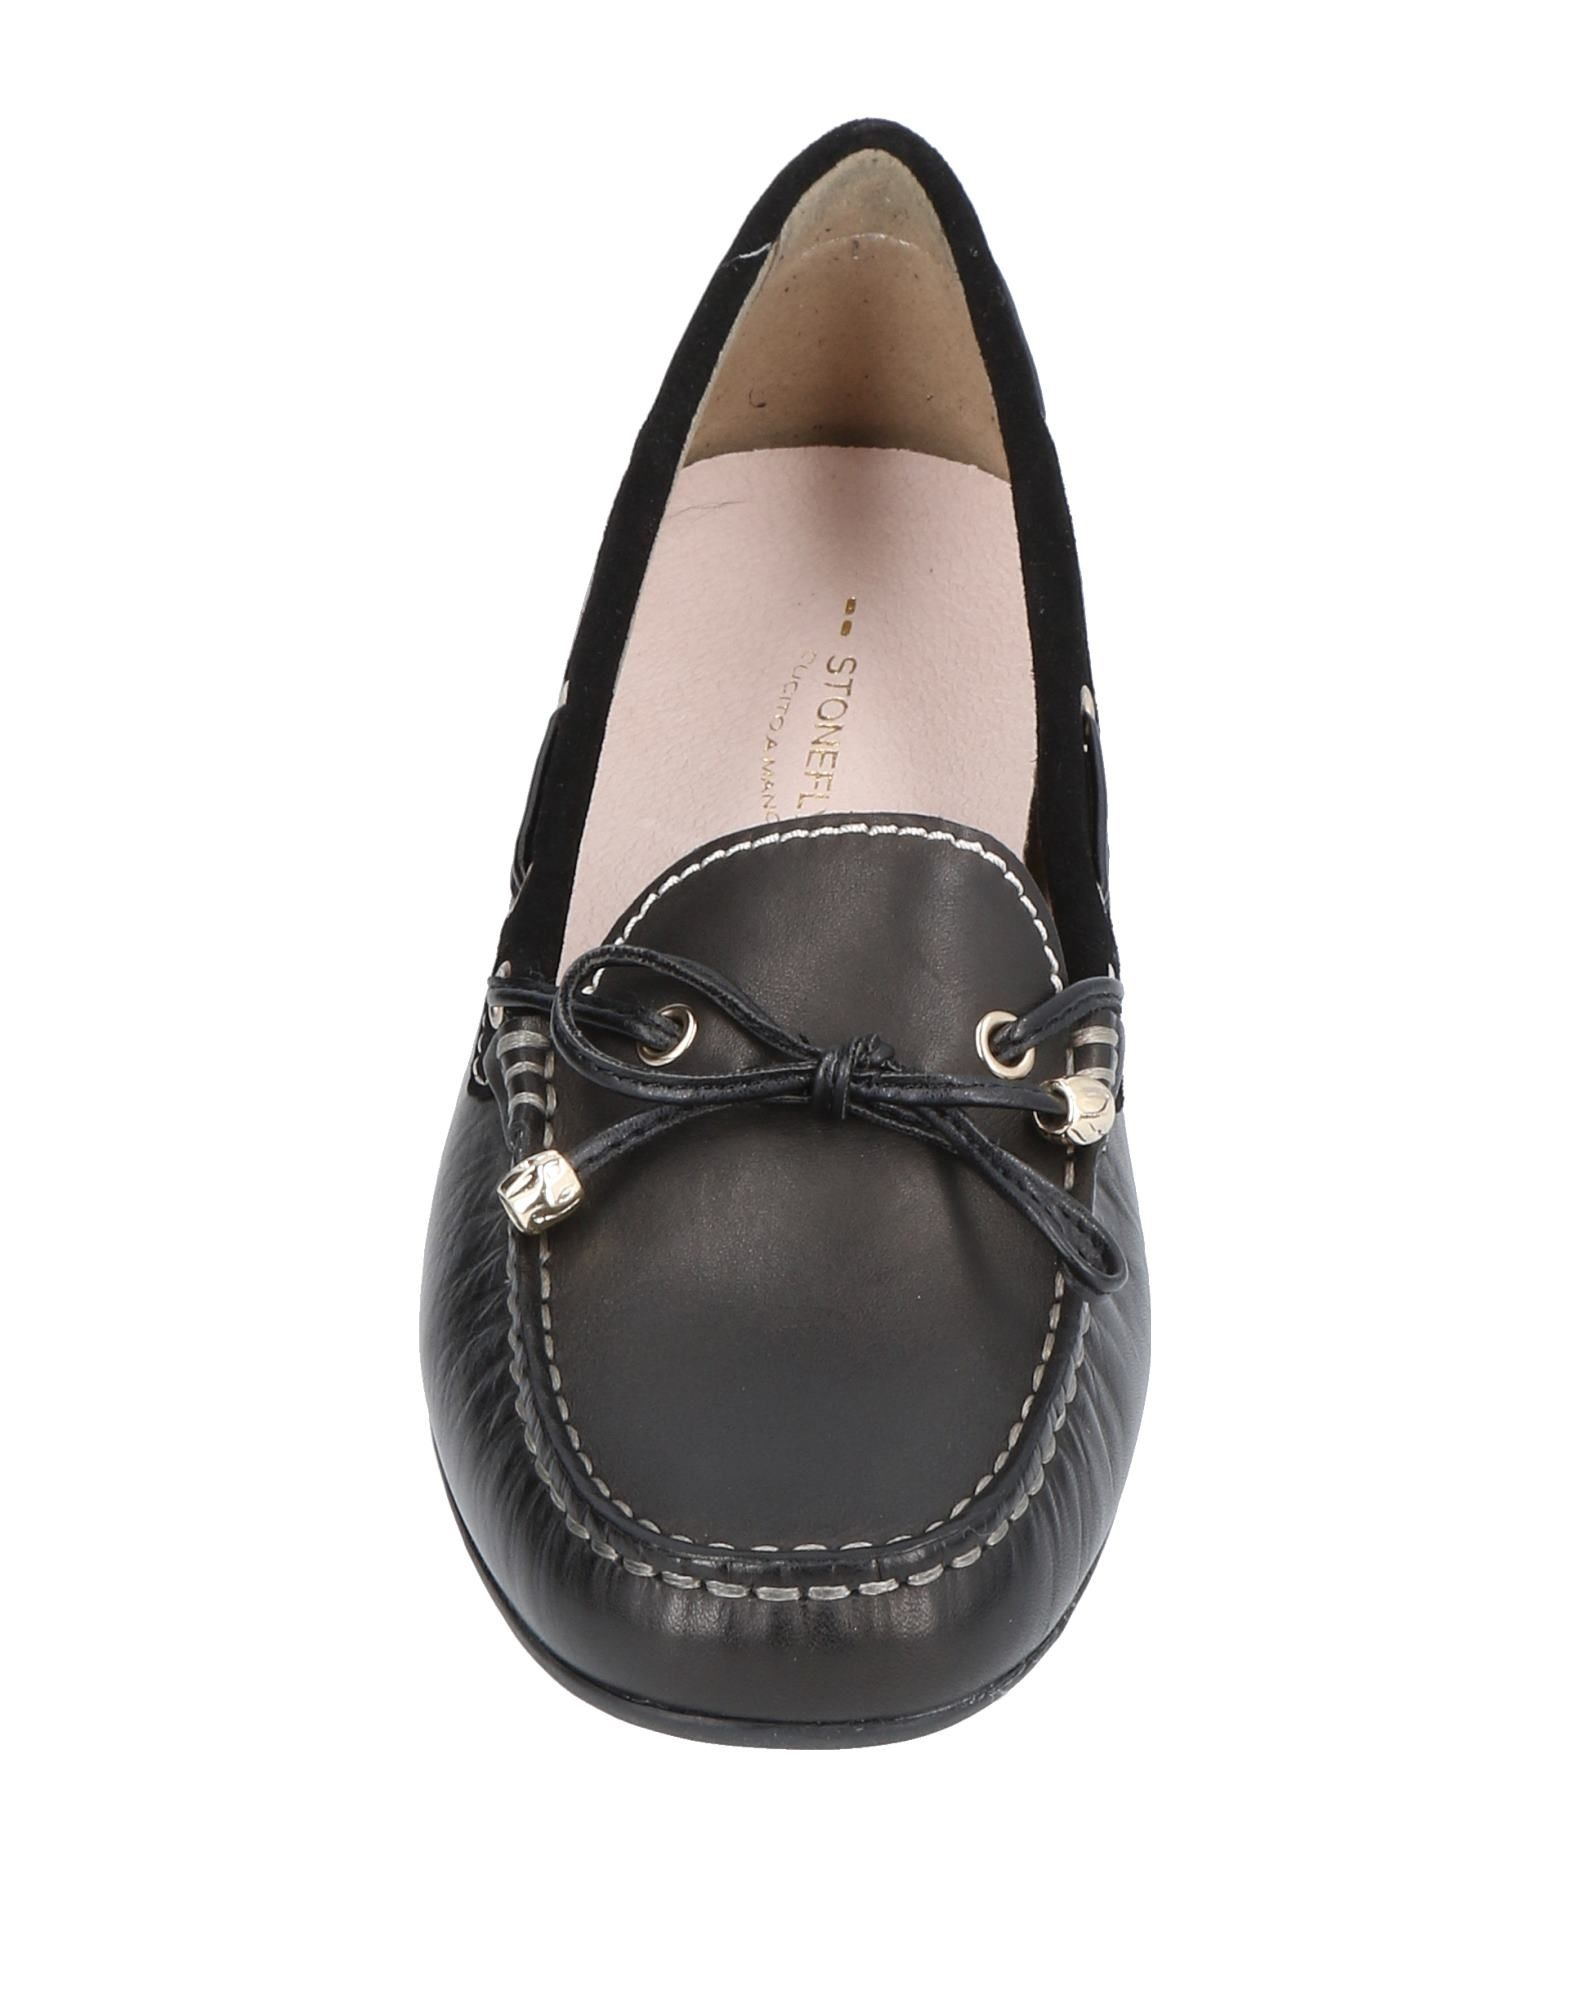 ... Stonefly Gute Mokassins Damen 11466774RO Gute Stonefly Qualität  beliebte Schuhe b4f594 ... e5cb07753f